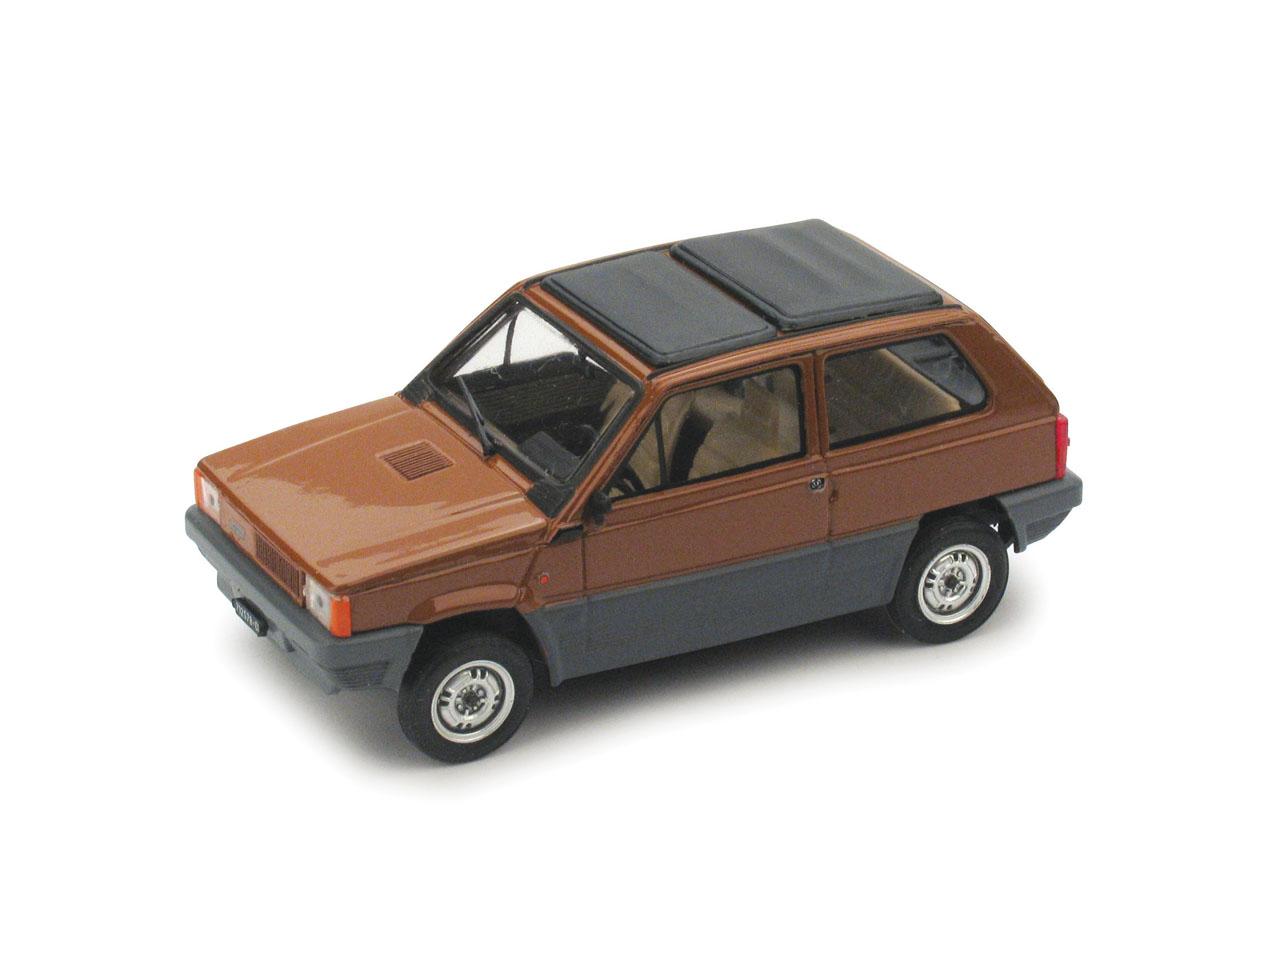 Fiat Panda 45 Techo de lona cerrado (1981) Brumm 1/43 Marrón Land